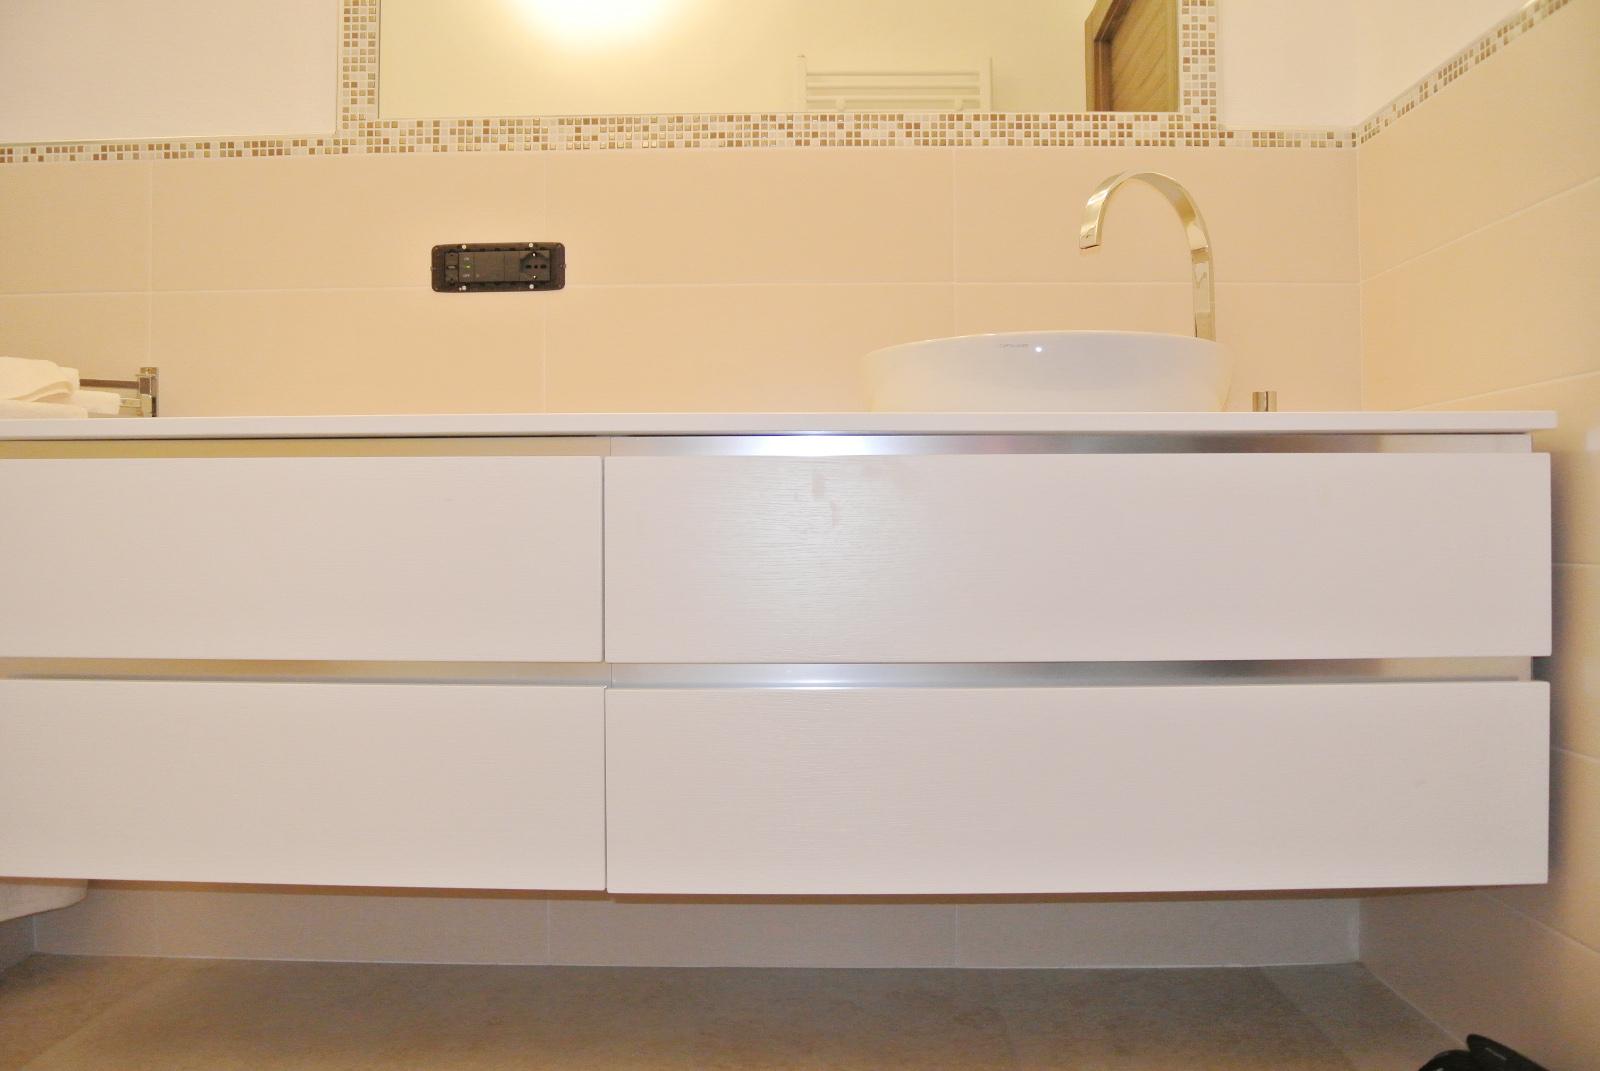 sintesibagno-arredobagno-arredo-bagno-svizzera-mobile-puntotre-lavabo-appoggio-catalano-mobile-bagno-brill-rovere-bianco